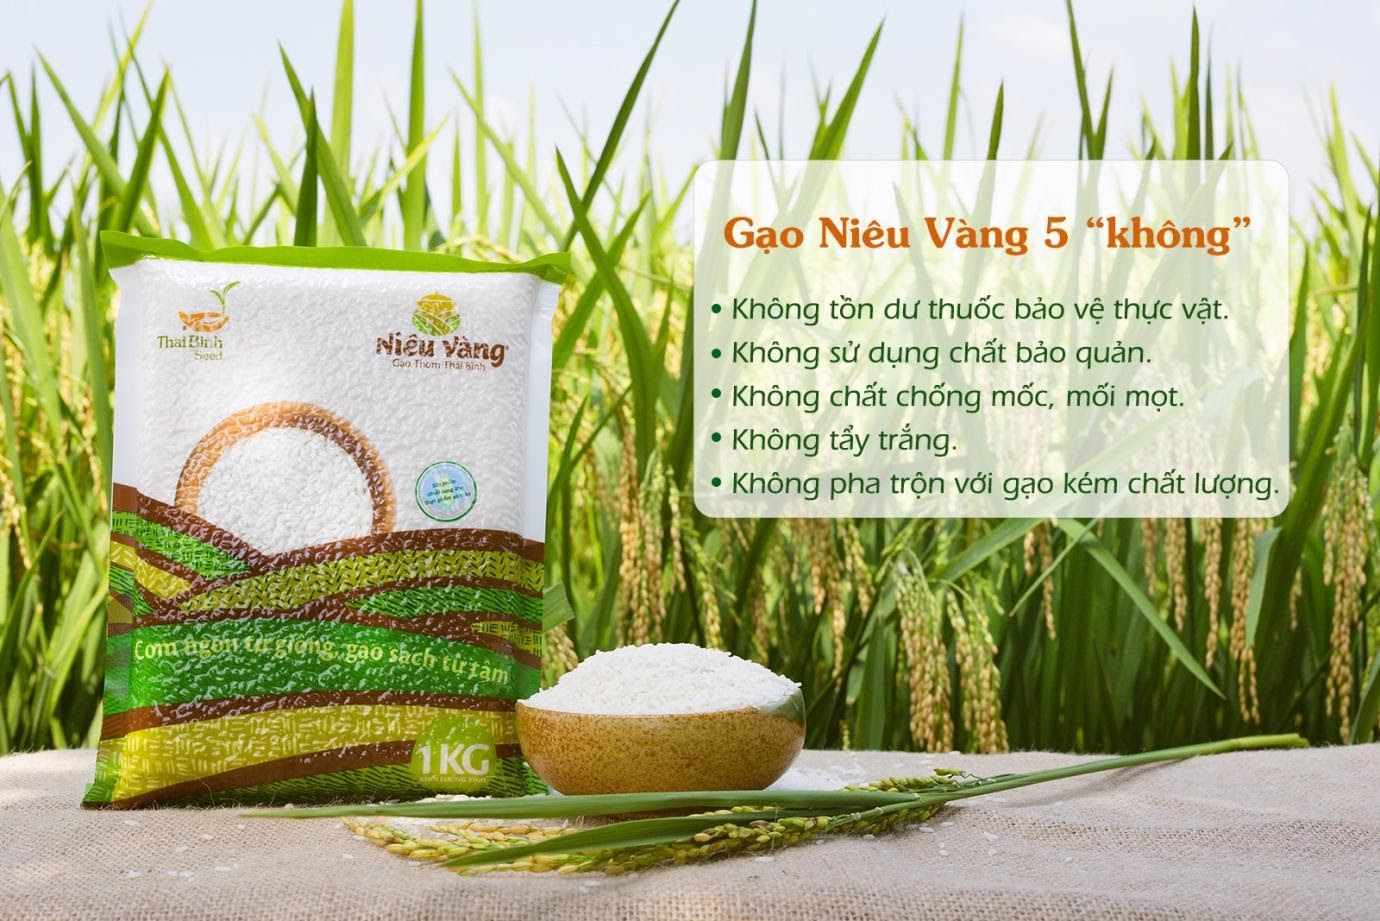 Gạo niêu vàng: Gạo sạch nguyên chất từ phòng thí nghiệm tới bàn ăn